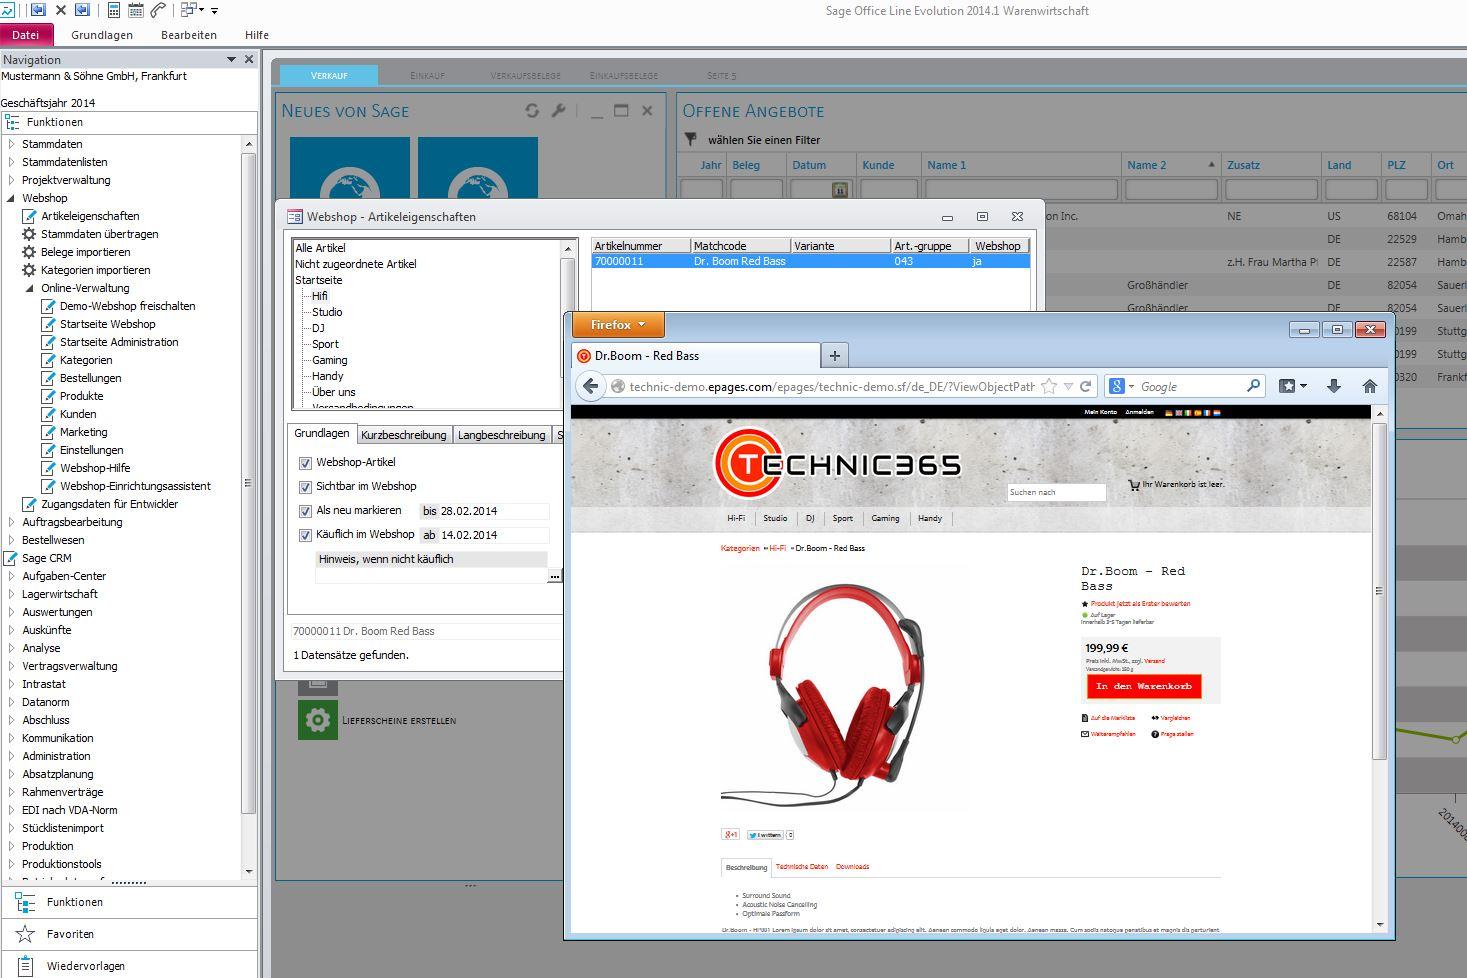 tipps sage OfficeLine_Webshop_jpg